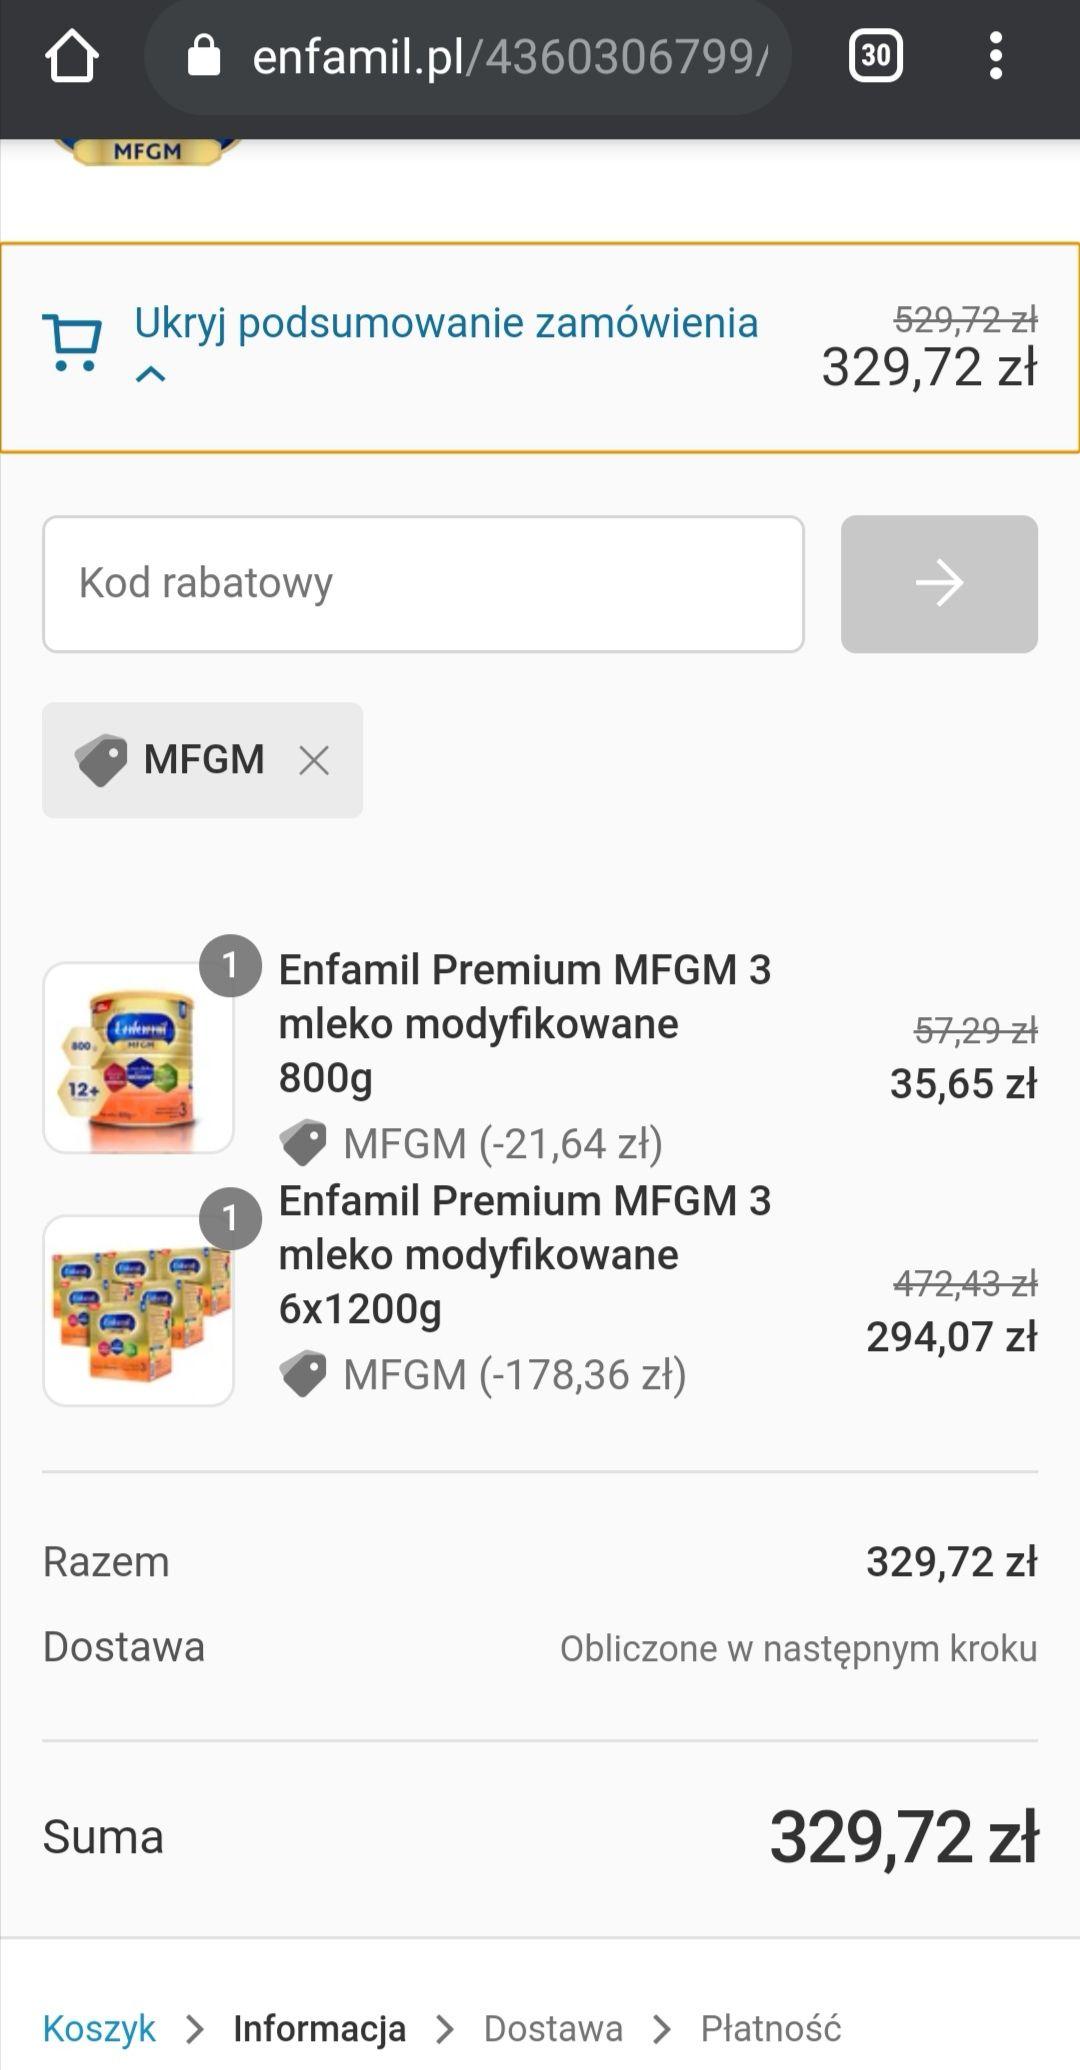 -200 zł za wydane (mwz) 500zł w oficjalnym sklepie enfamil